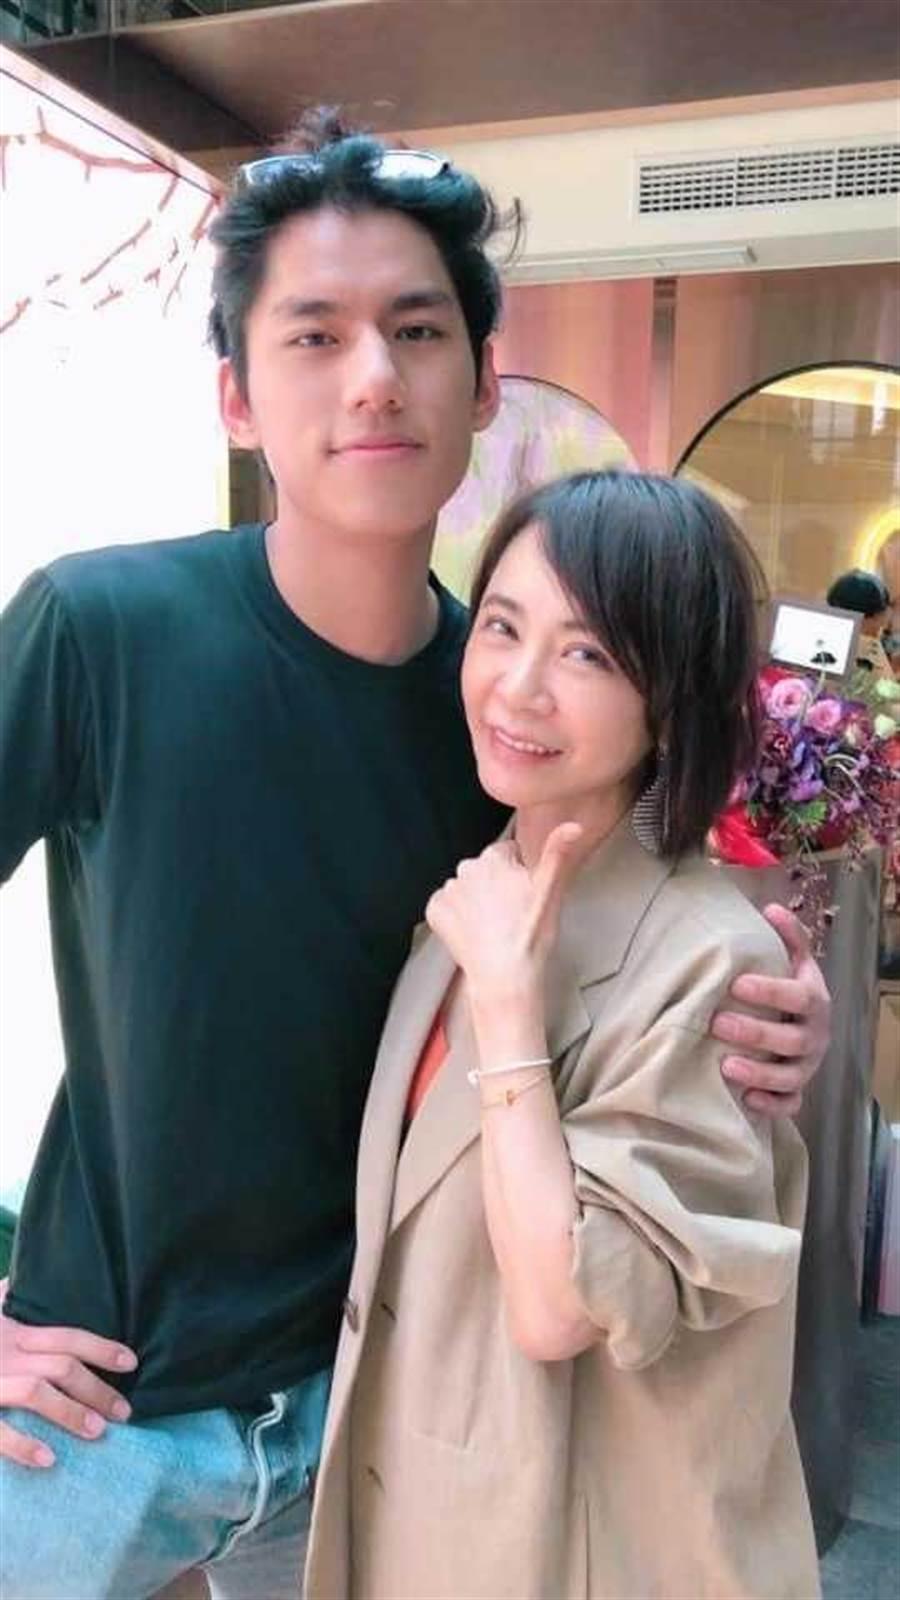 朱軒洋(左)相當開心雙入圍《台北電影獎》。(圖/翻攝自網路)